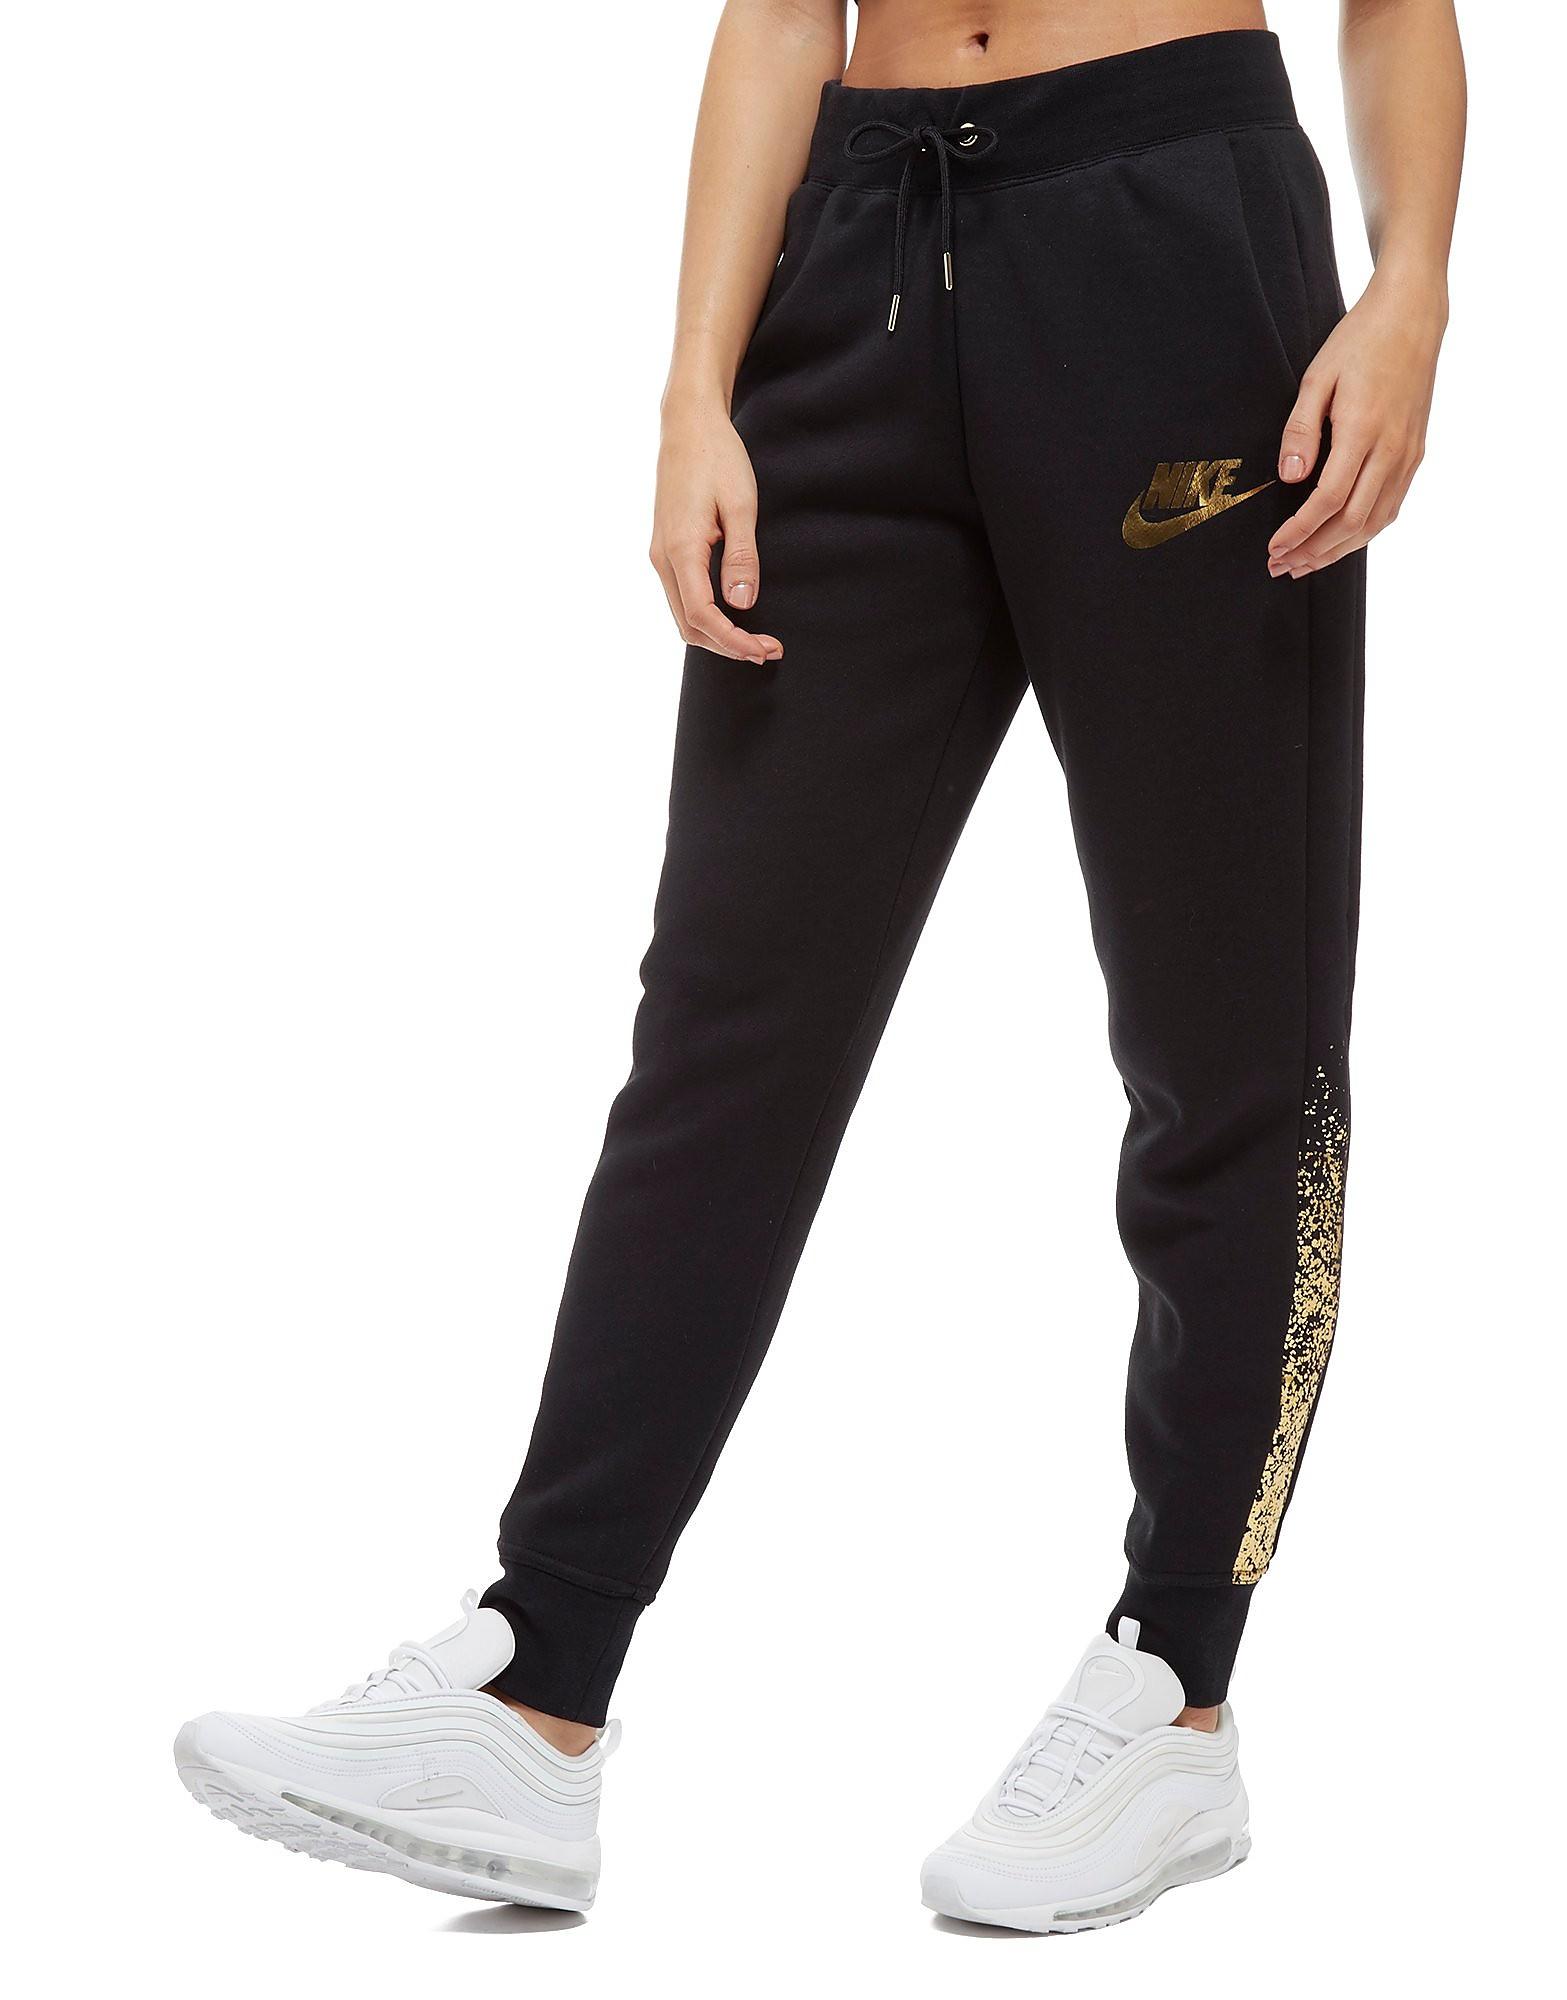 Nike Metallic Fleece Pants